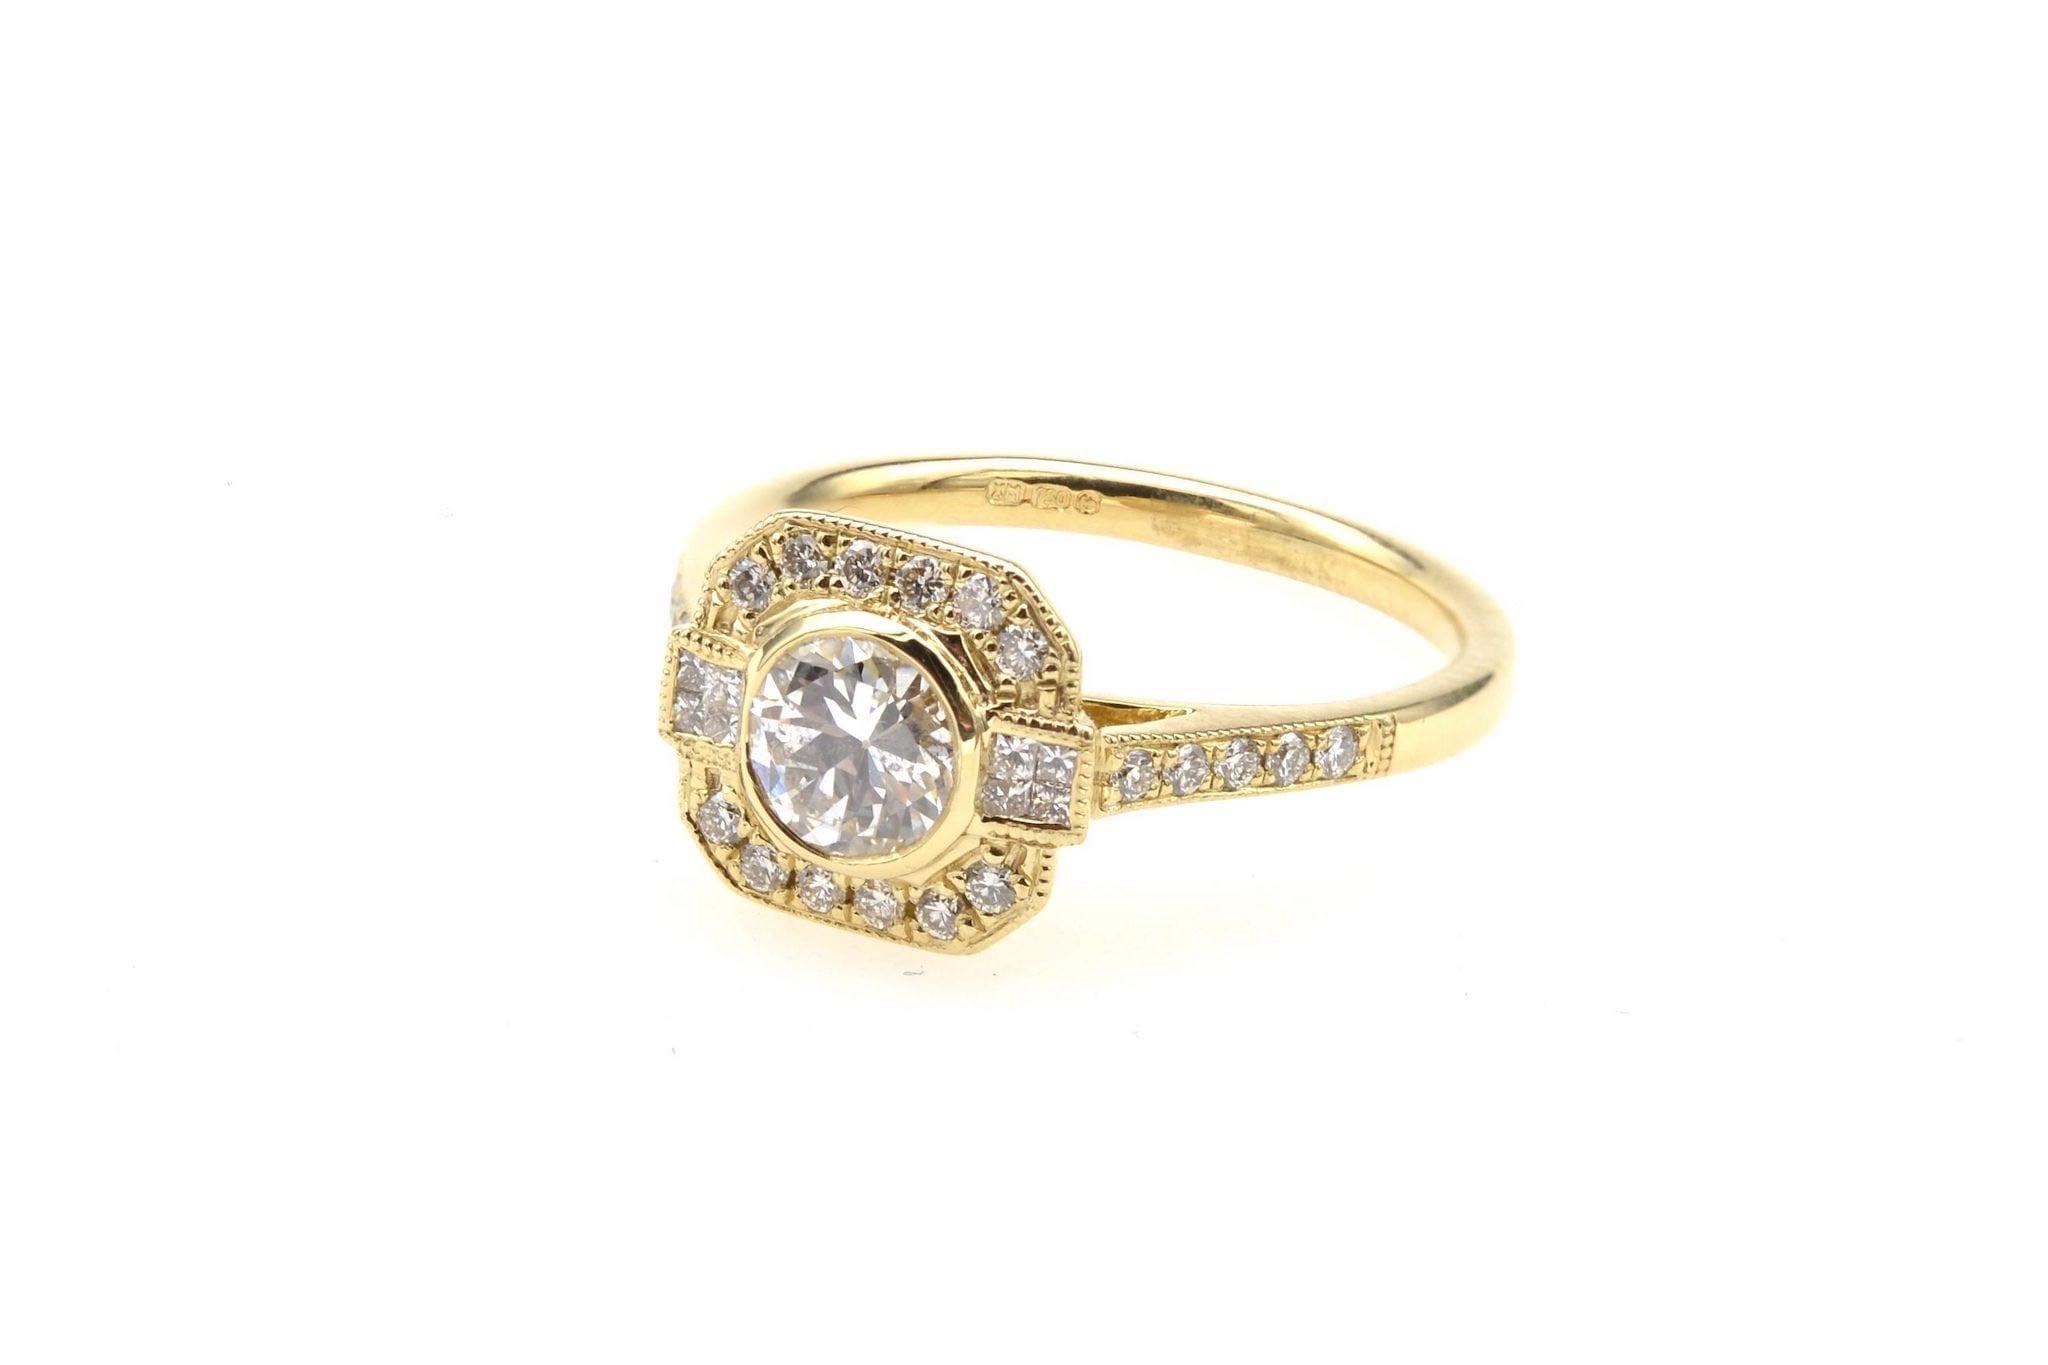 Bague de style Art Déco diamants en or jaune 18k